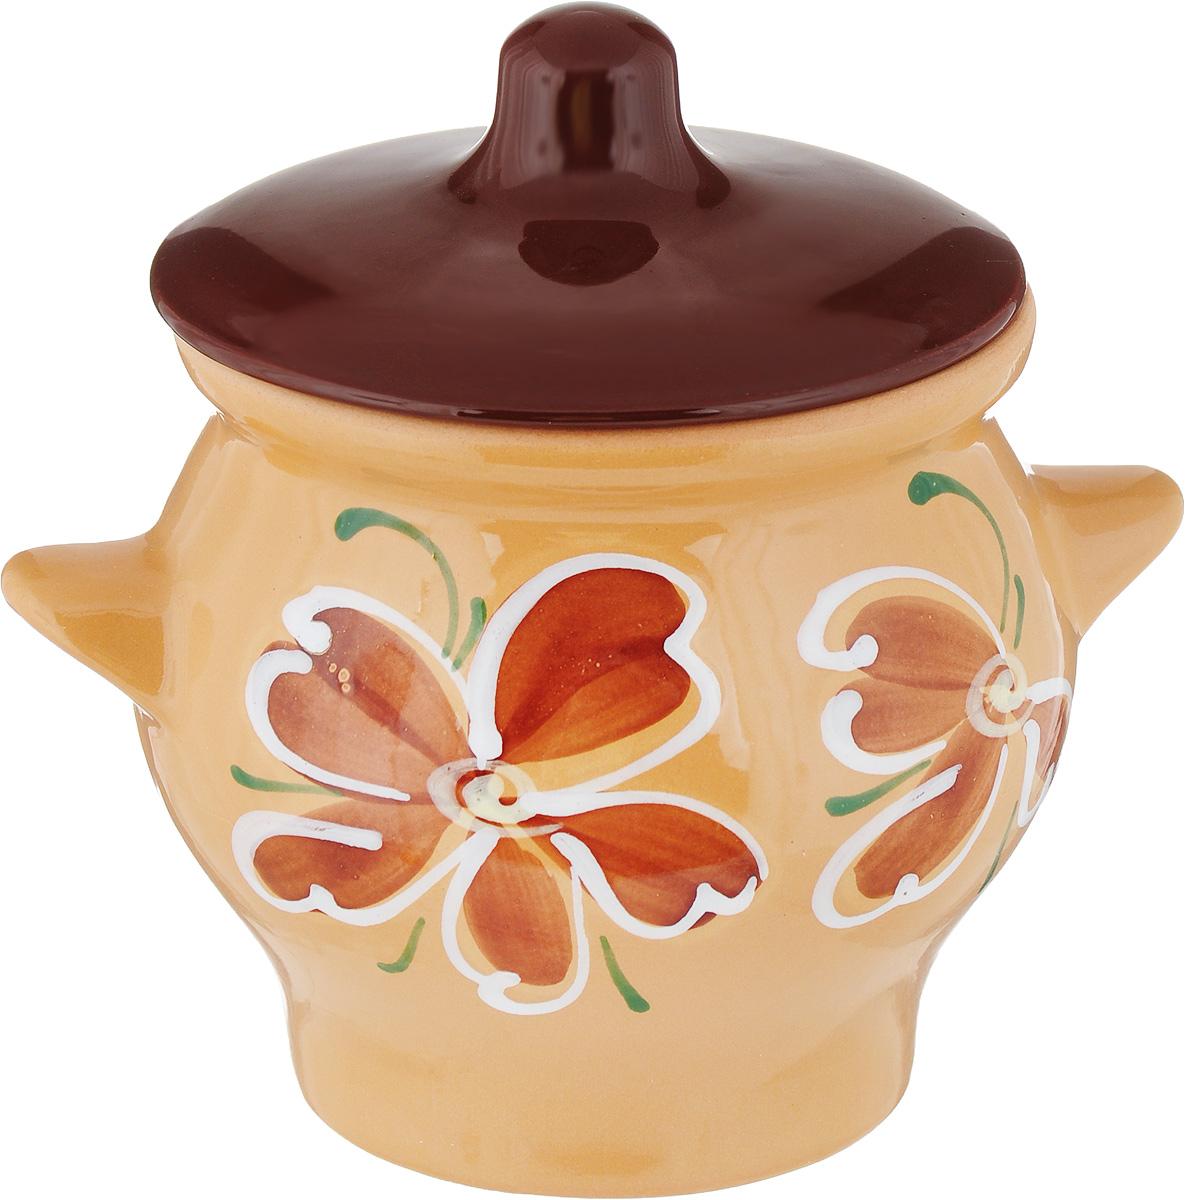 Горшок для запекания Борисовская керамика Cтандарт, с крышкой, цвет: коричневый, 650 мл kosta урна с крышкой керамика